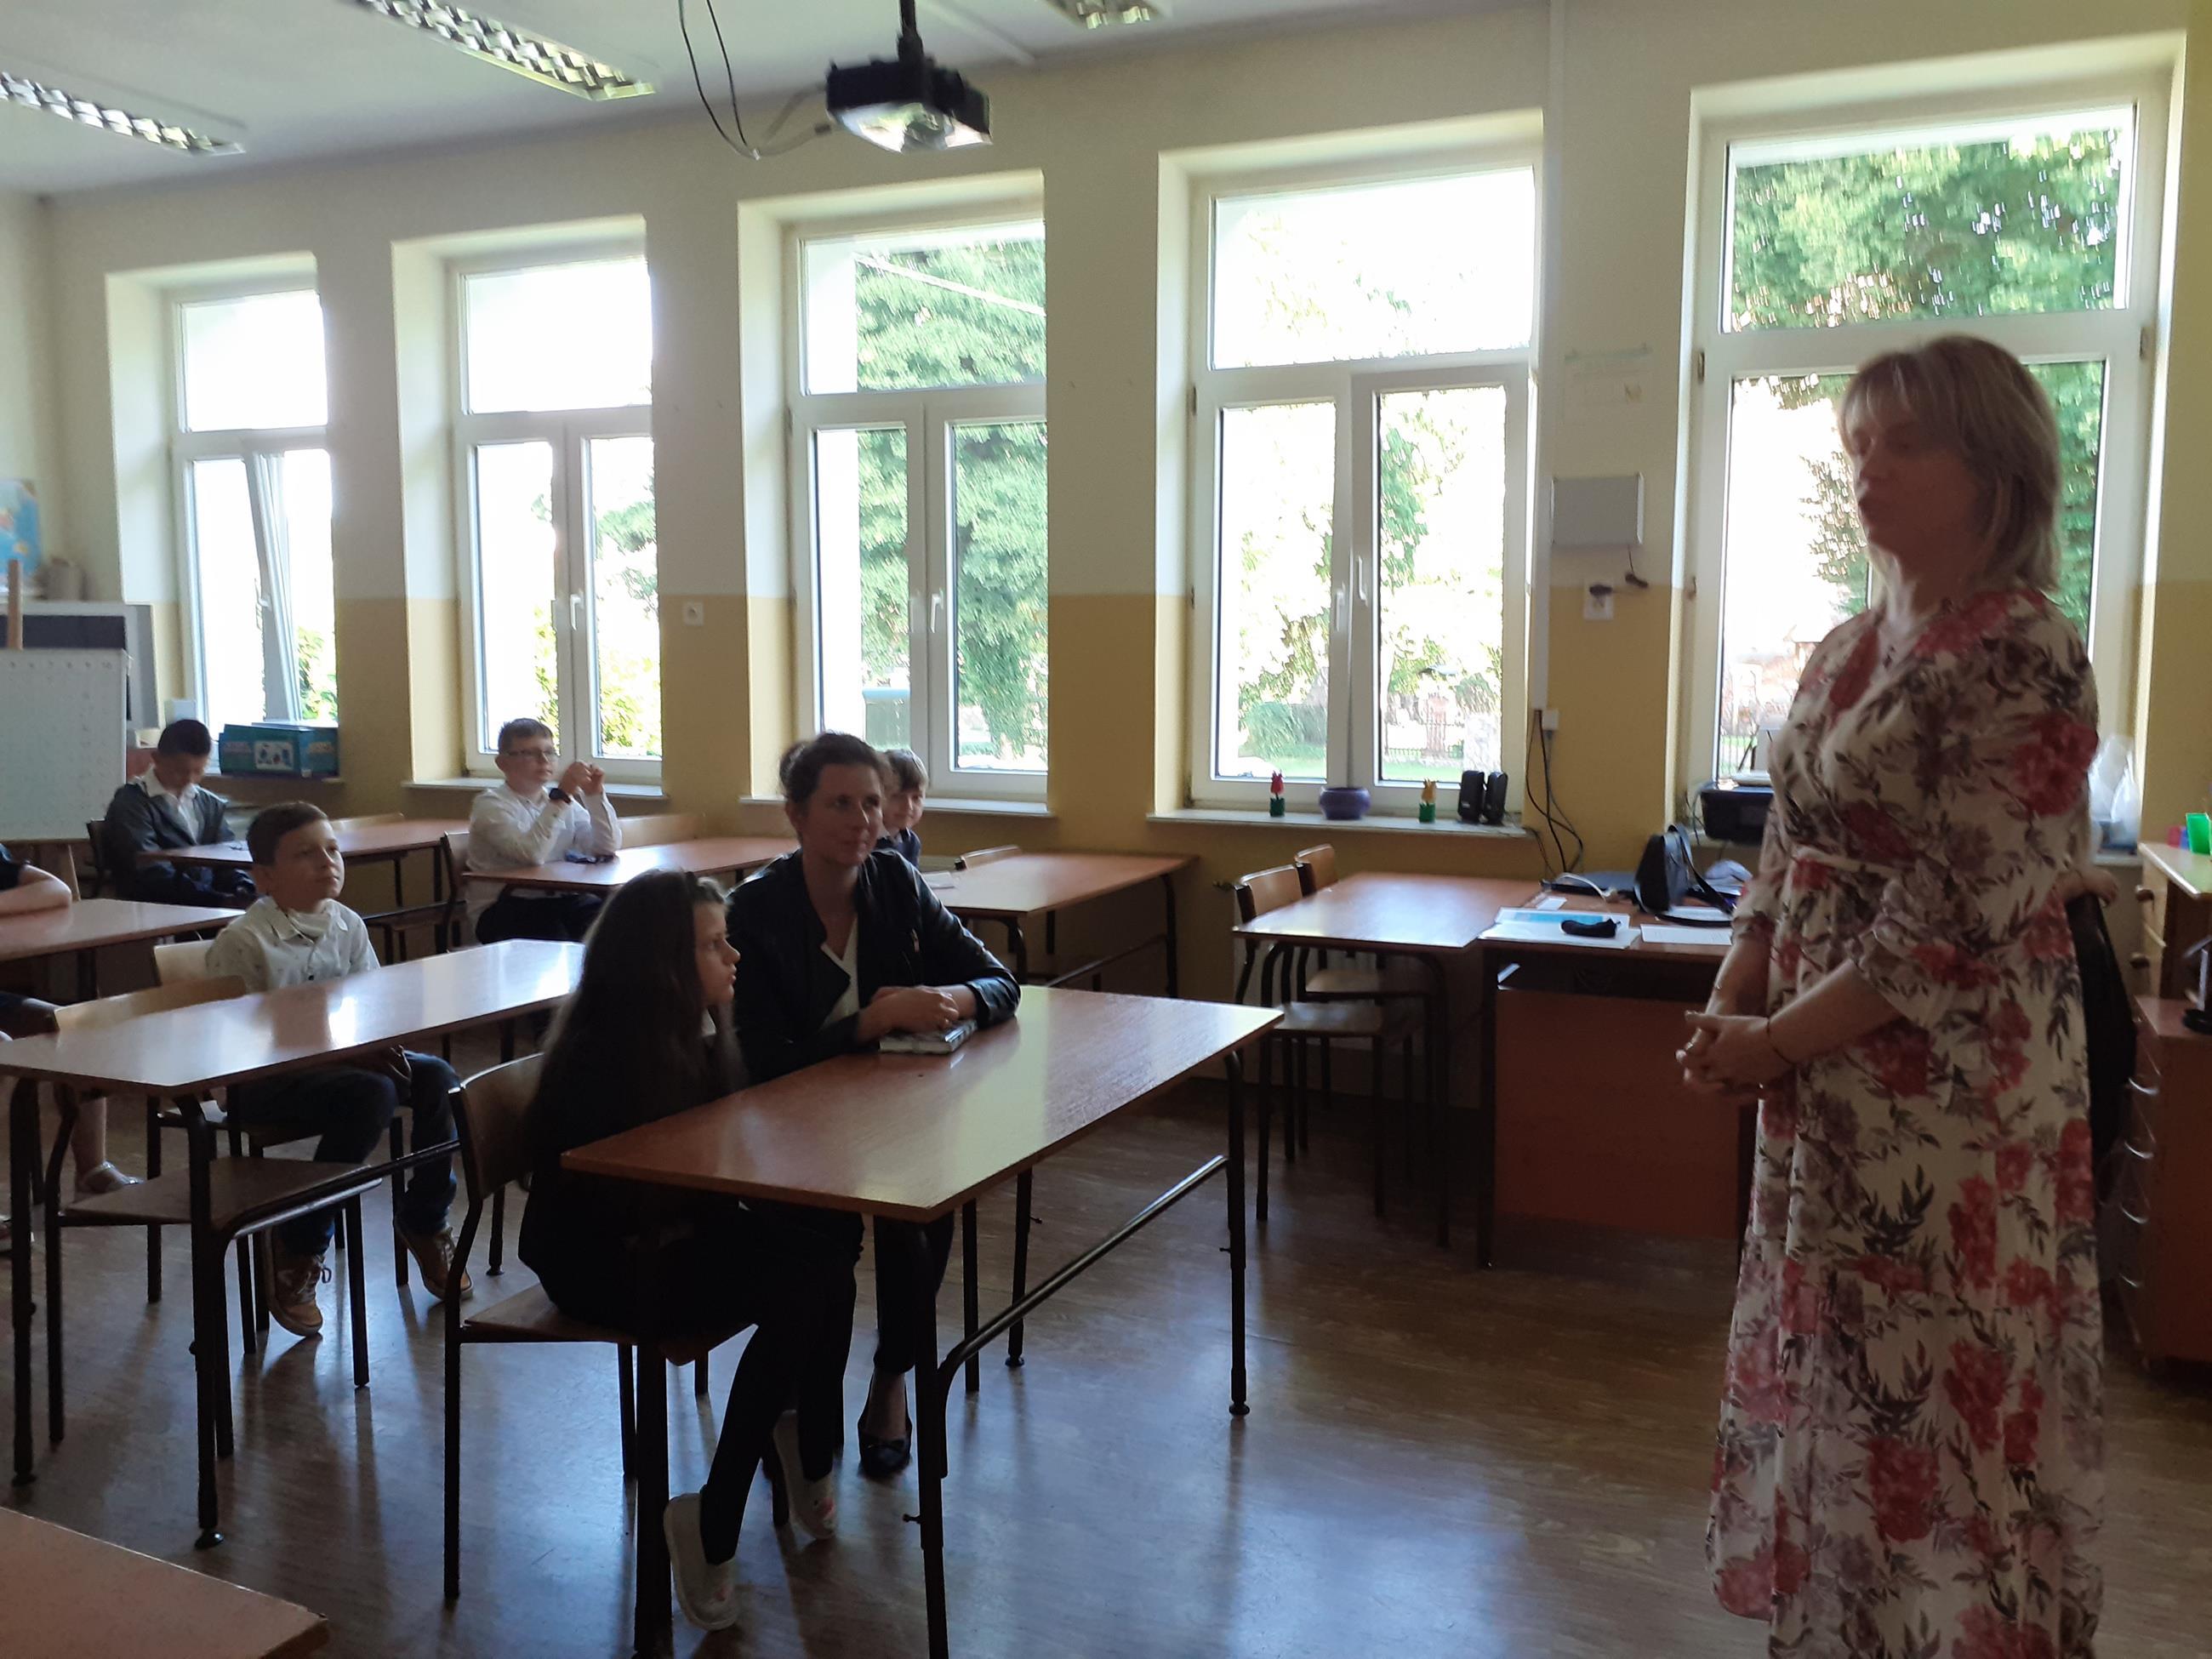 Zdjęcie przedstawia spotkanie uczniów klasy 4 z wychowawcą